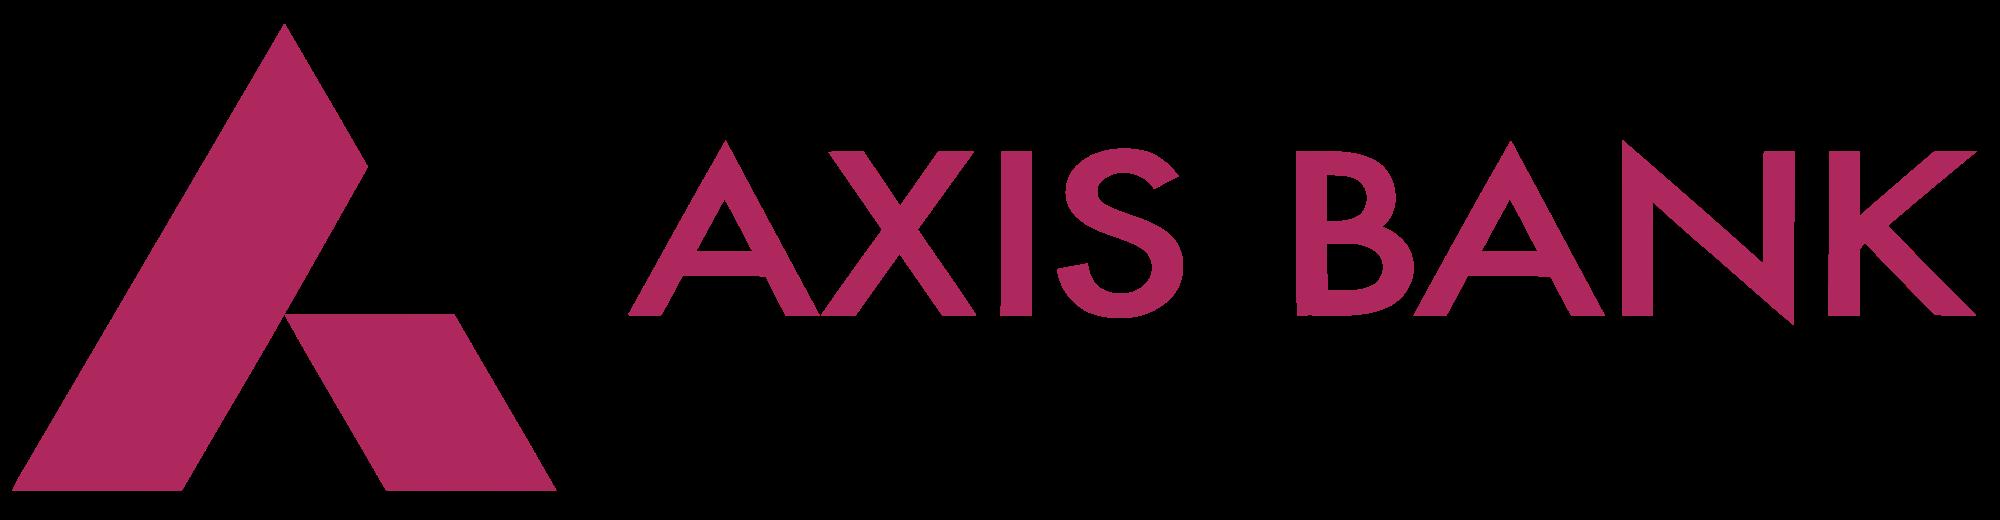 Axis_Bank_logo